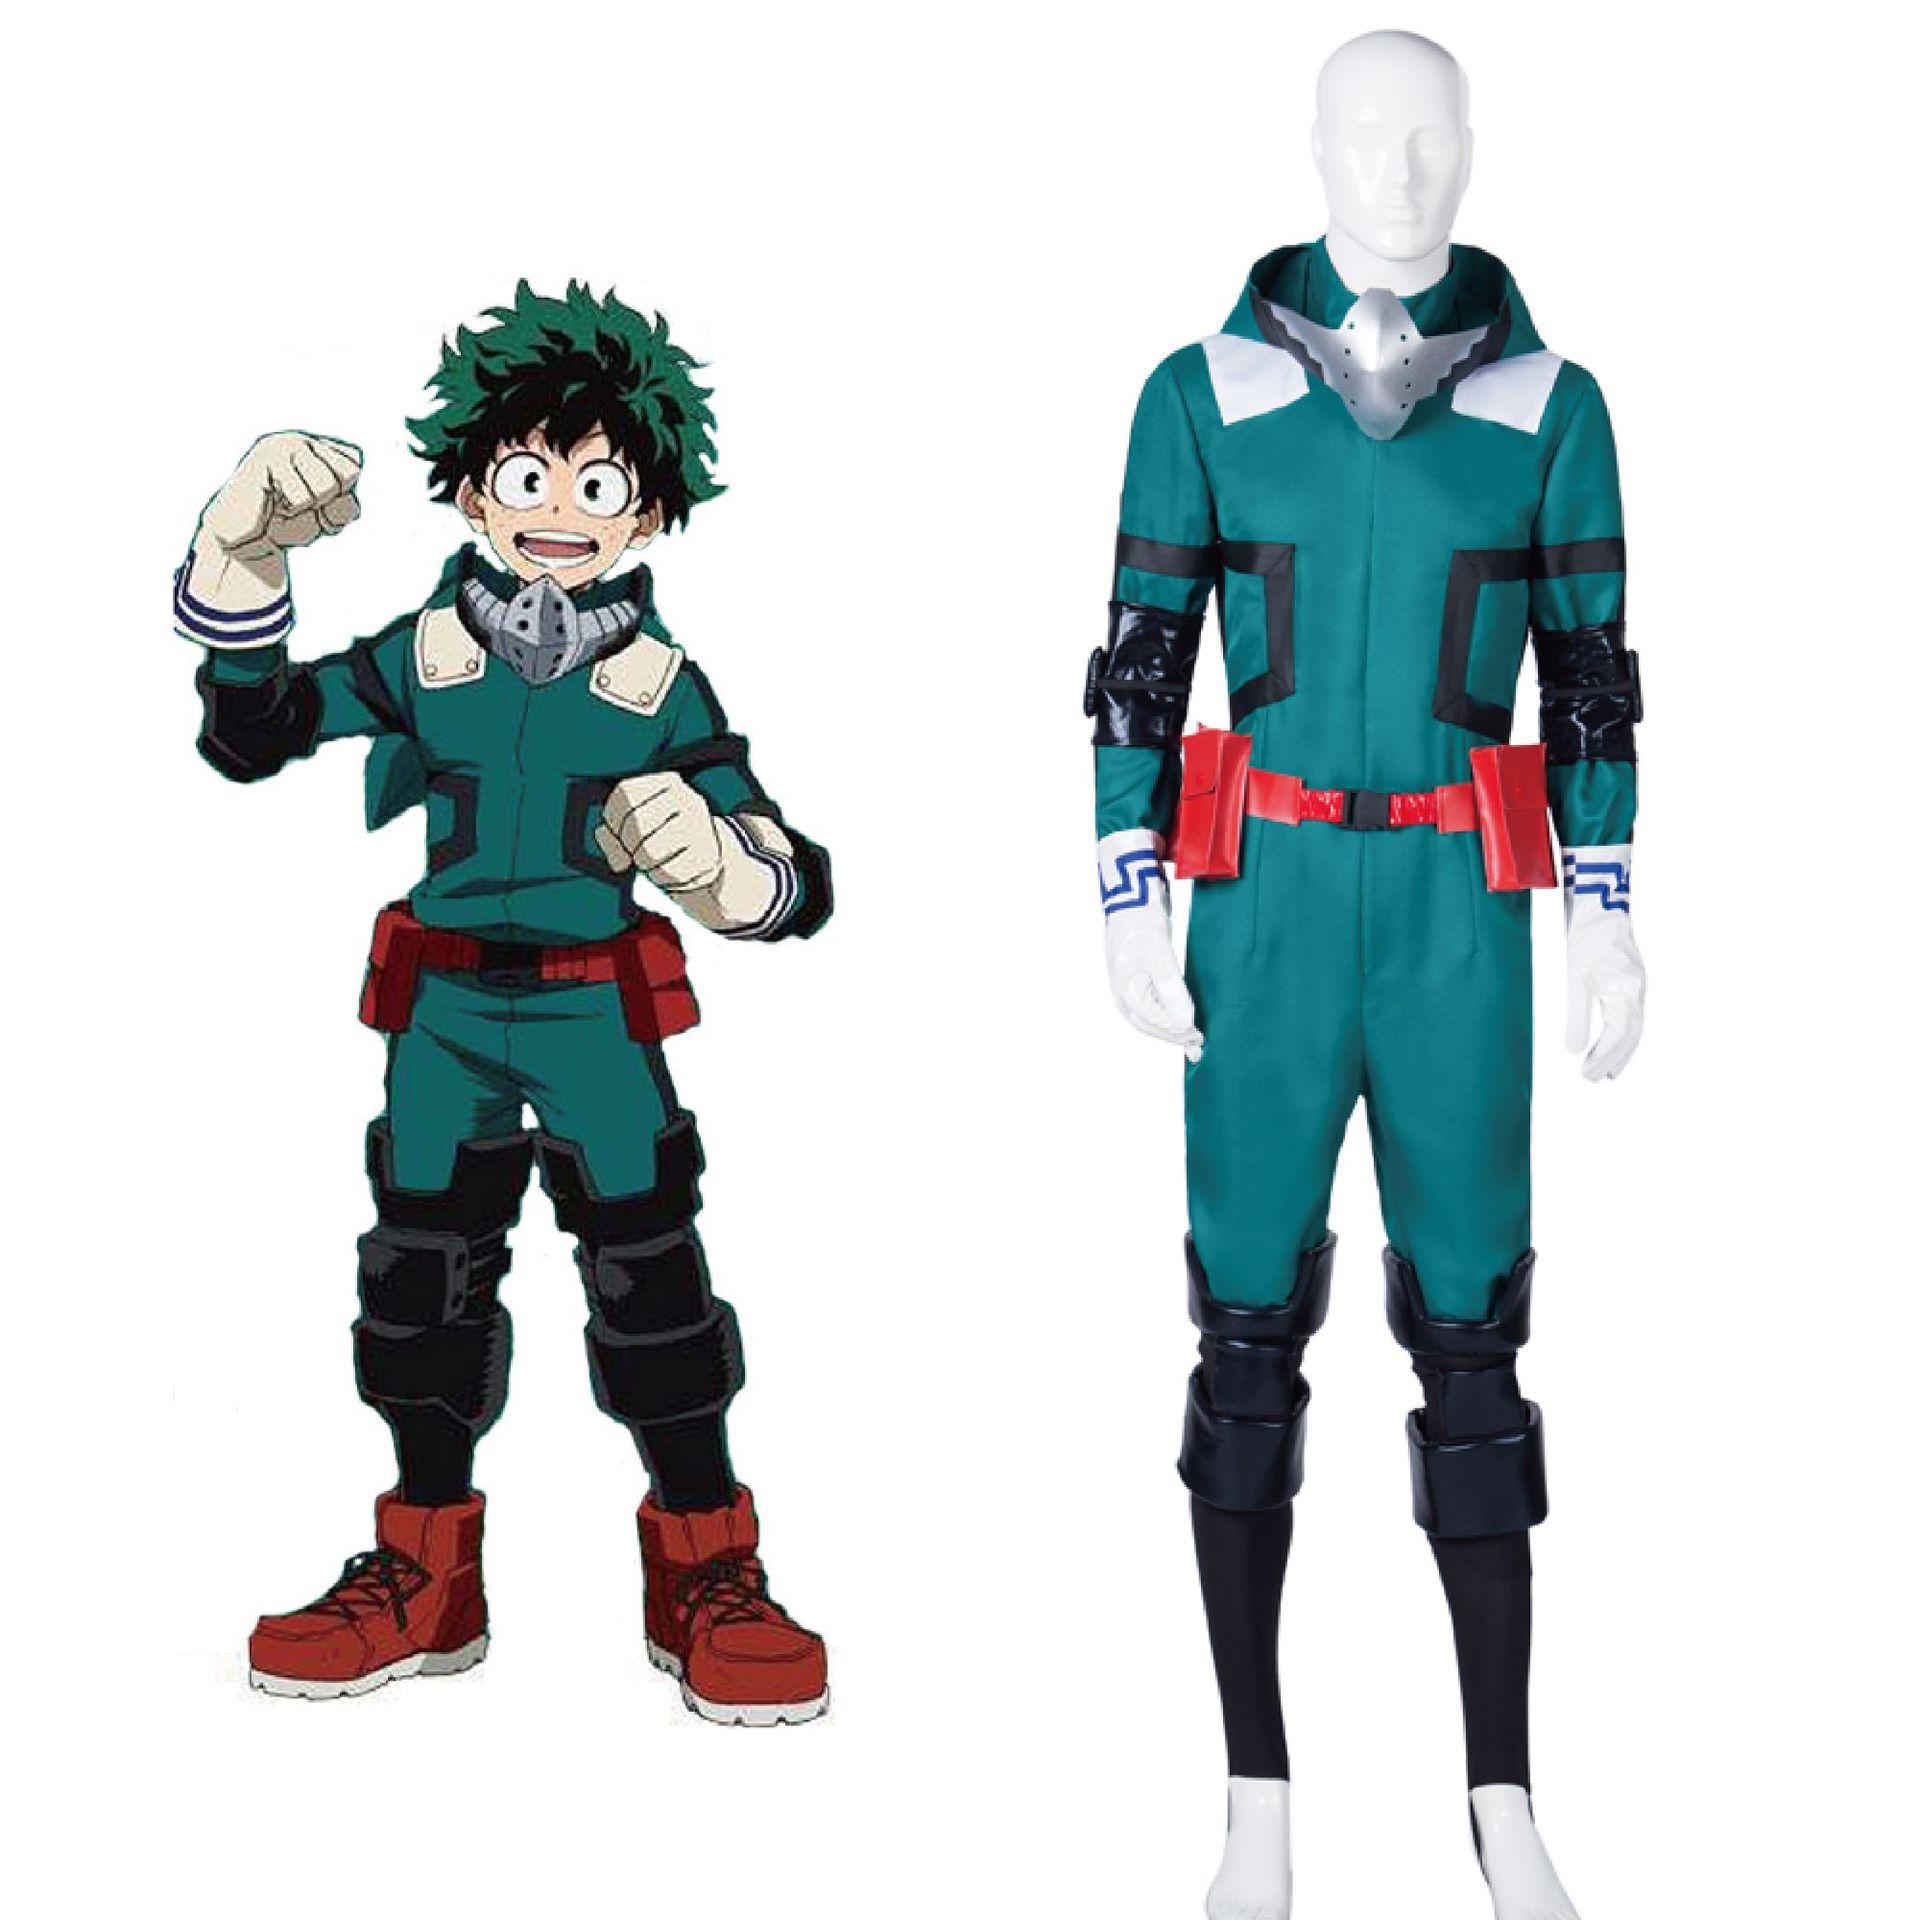 Anime Mein Hero Wissenschaft Boku keine Hero Wissenschaft Midoriya Izuku Deku Cosplay Kostüm Schlacht Anzug Männer Overall Karneval Volle Set